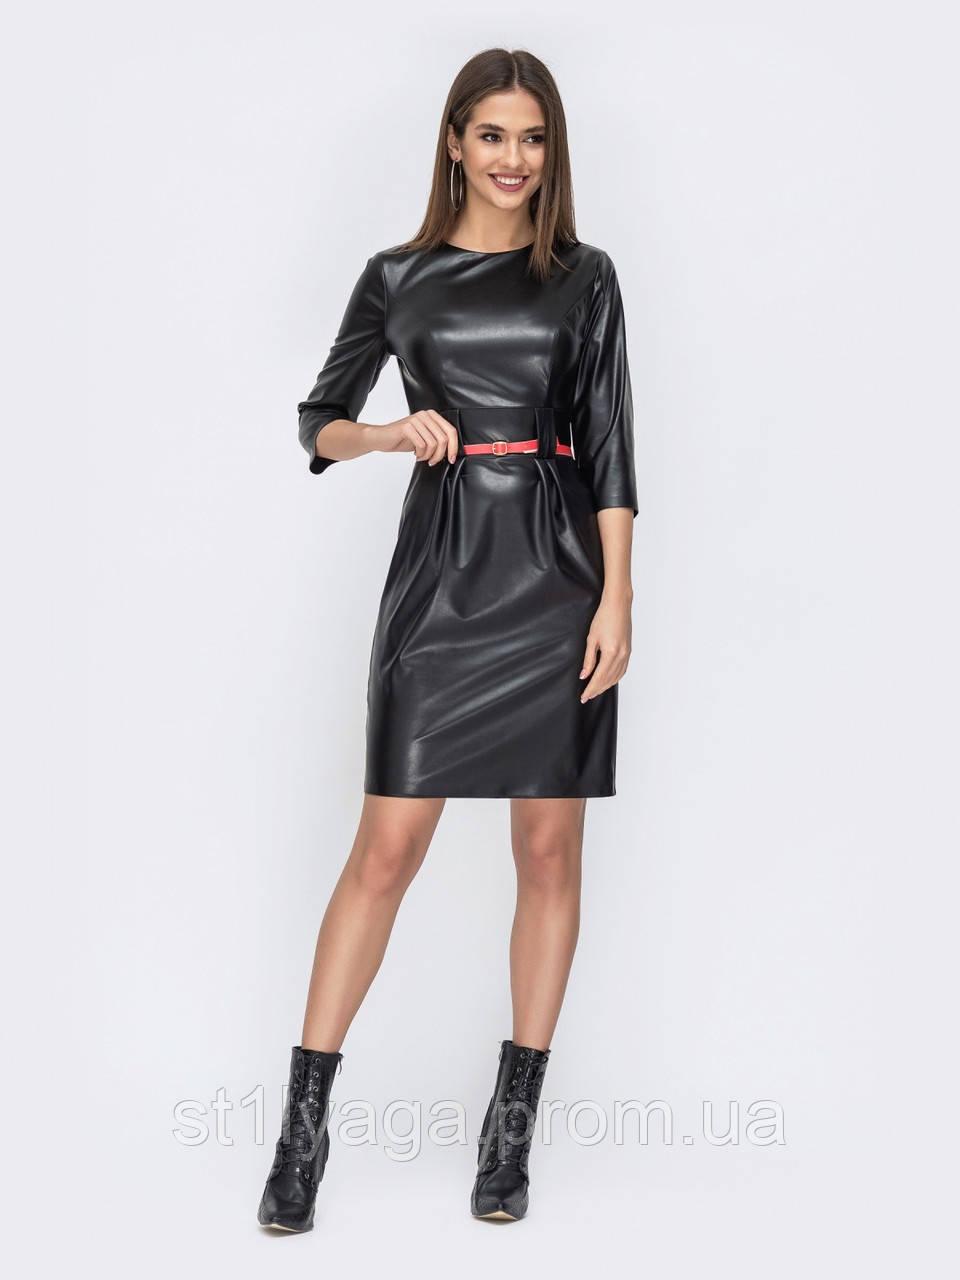 Стильное платье из искусственной кожи с разрезом сзади цвет черный